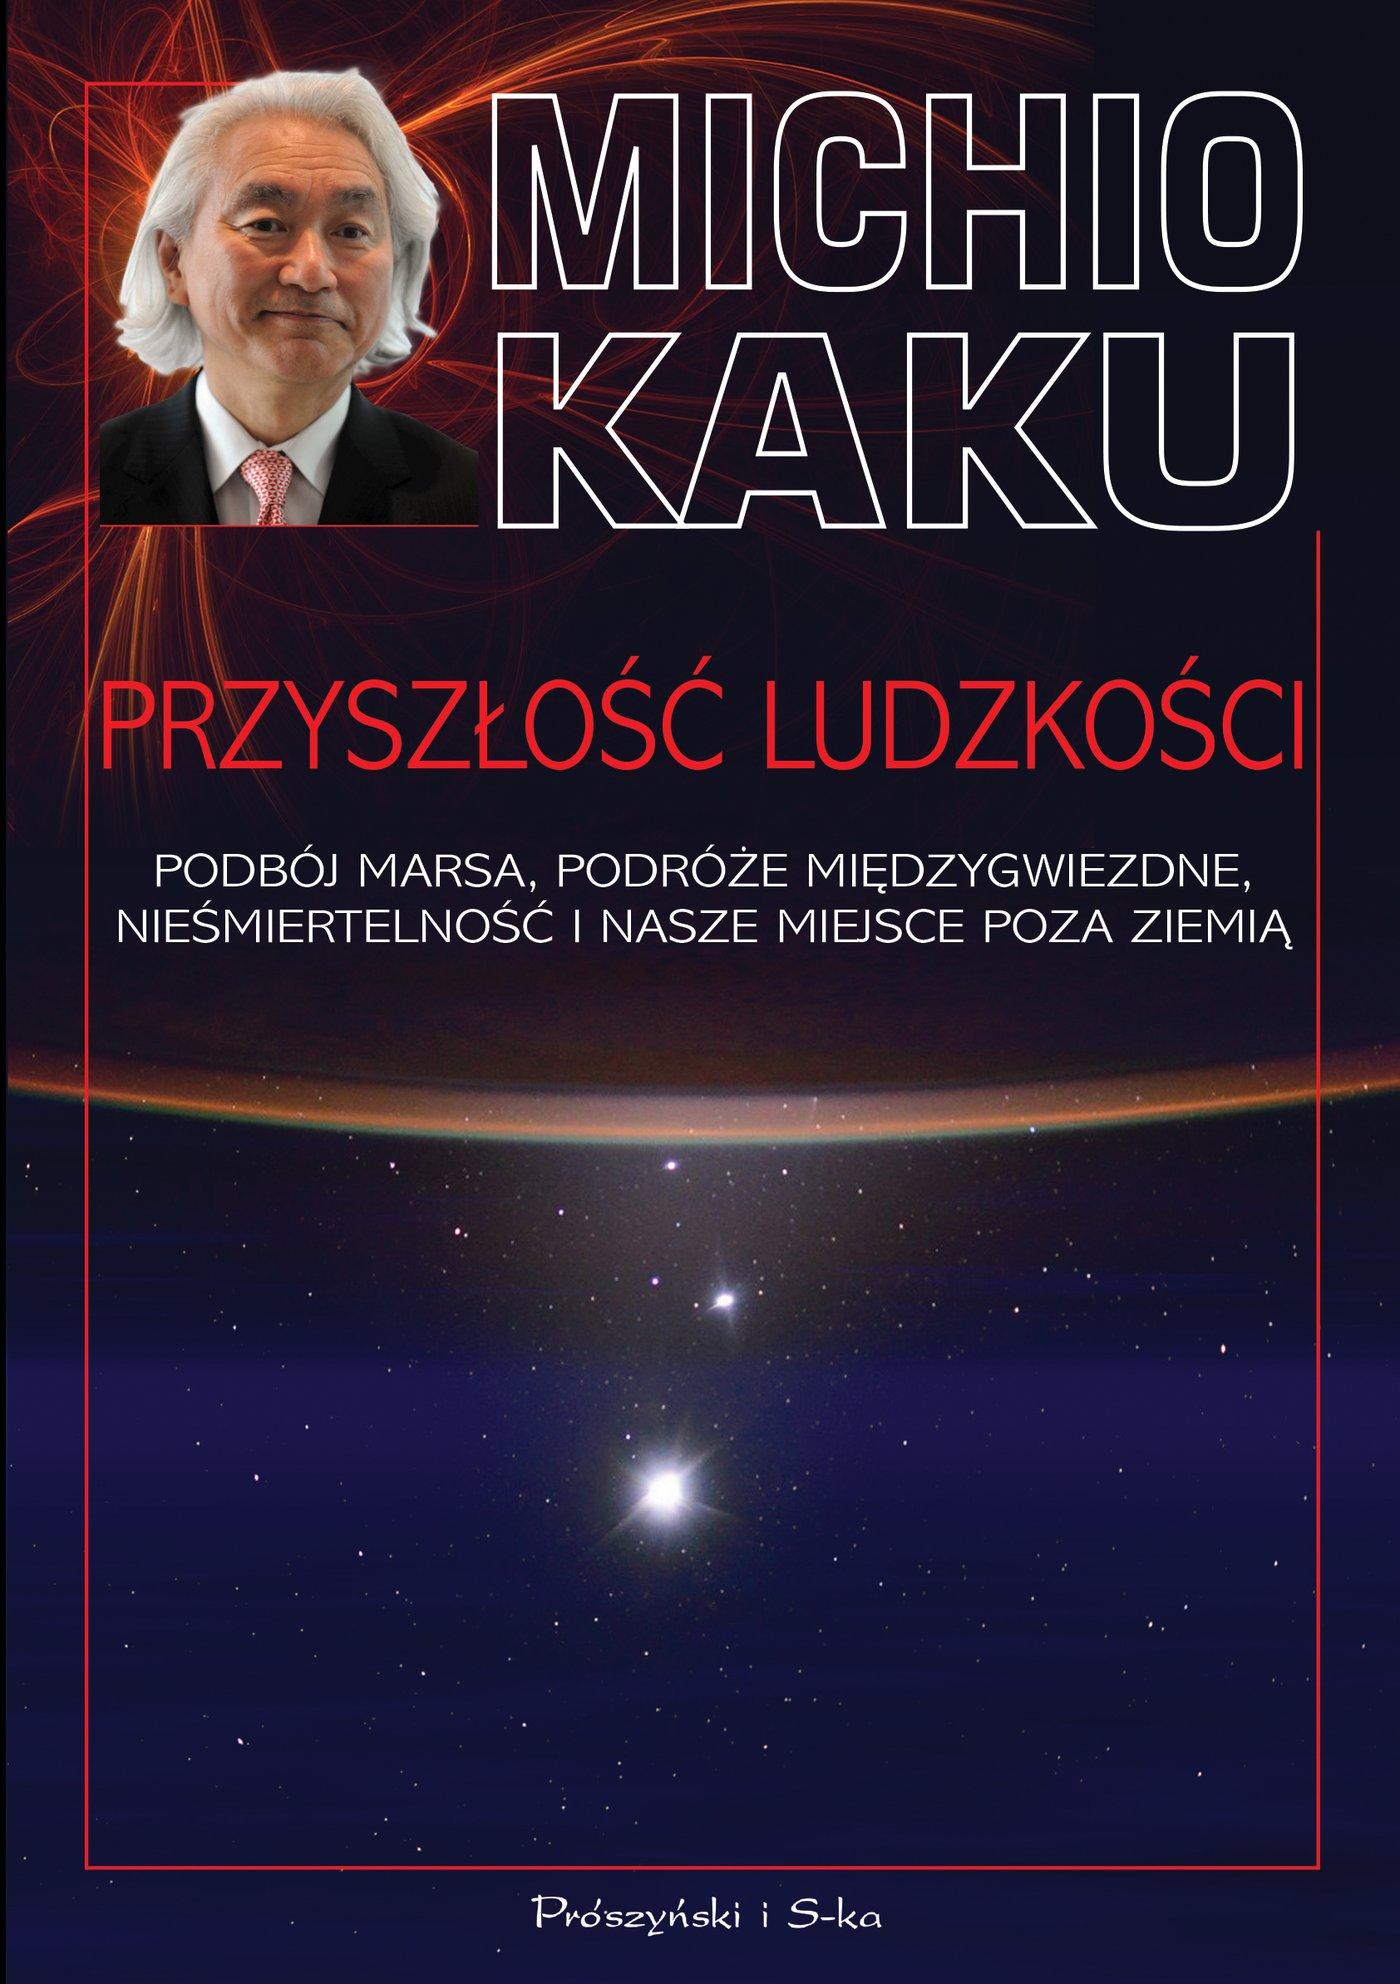 Przyszłość ludzkości - Ebook (Książka EPUB) do pobrania w formacie EPUB